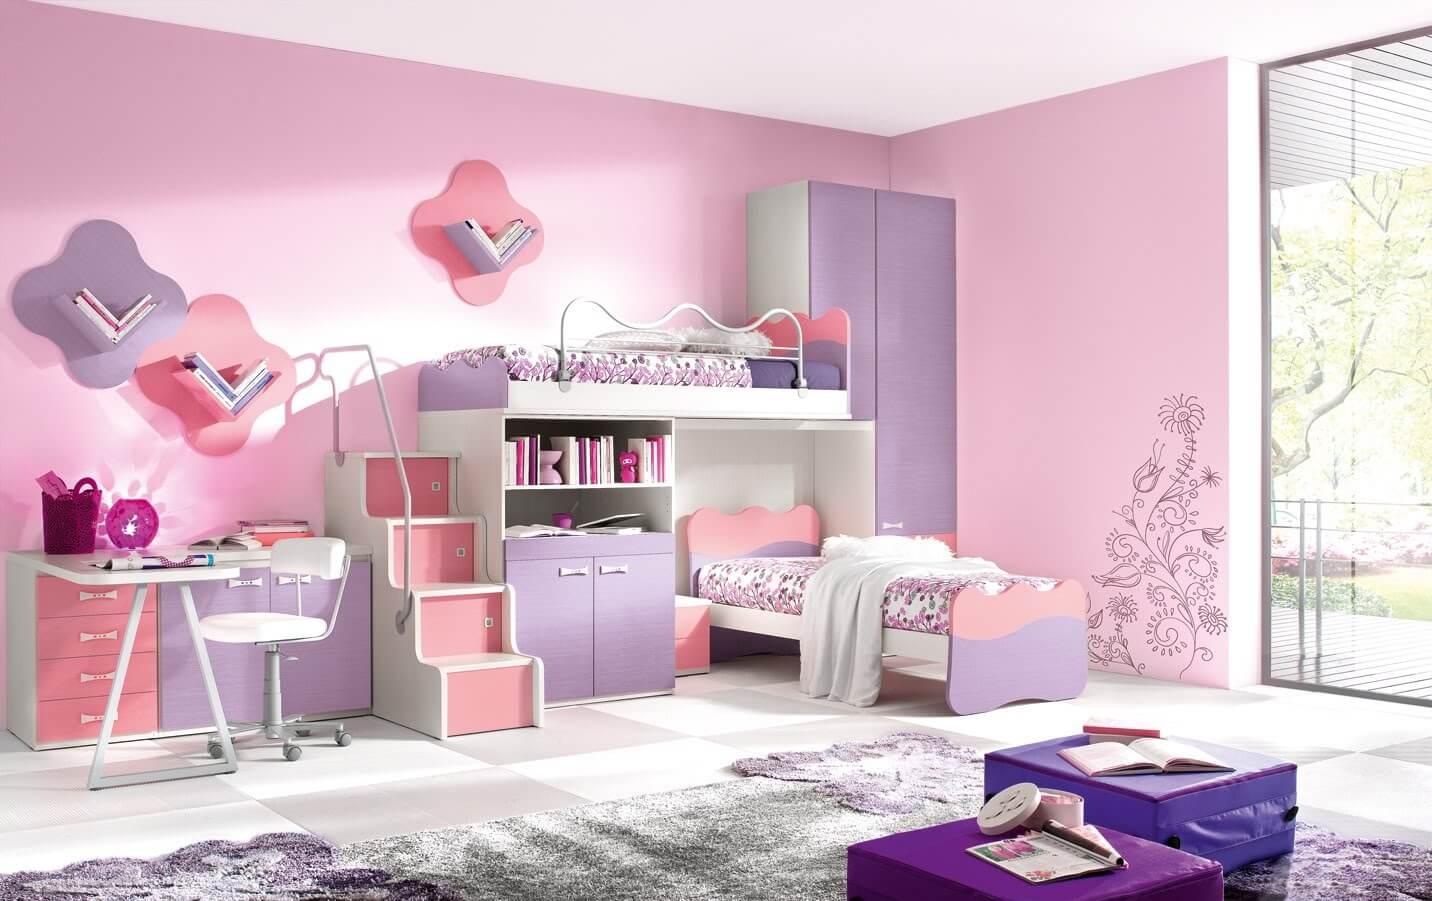 غرف نوم اطفال مودرن 16